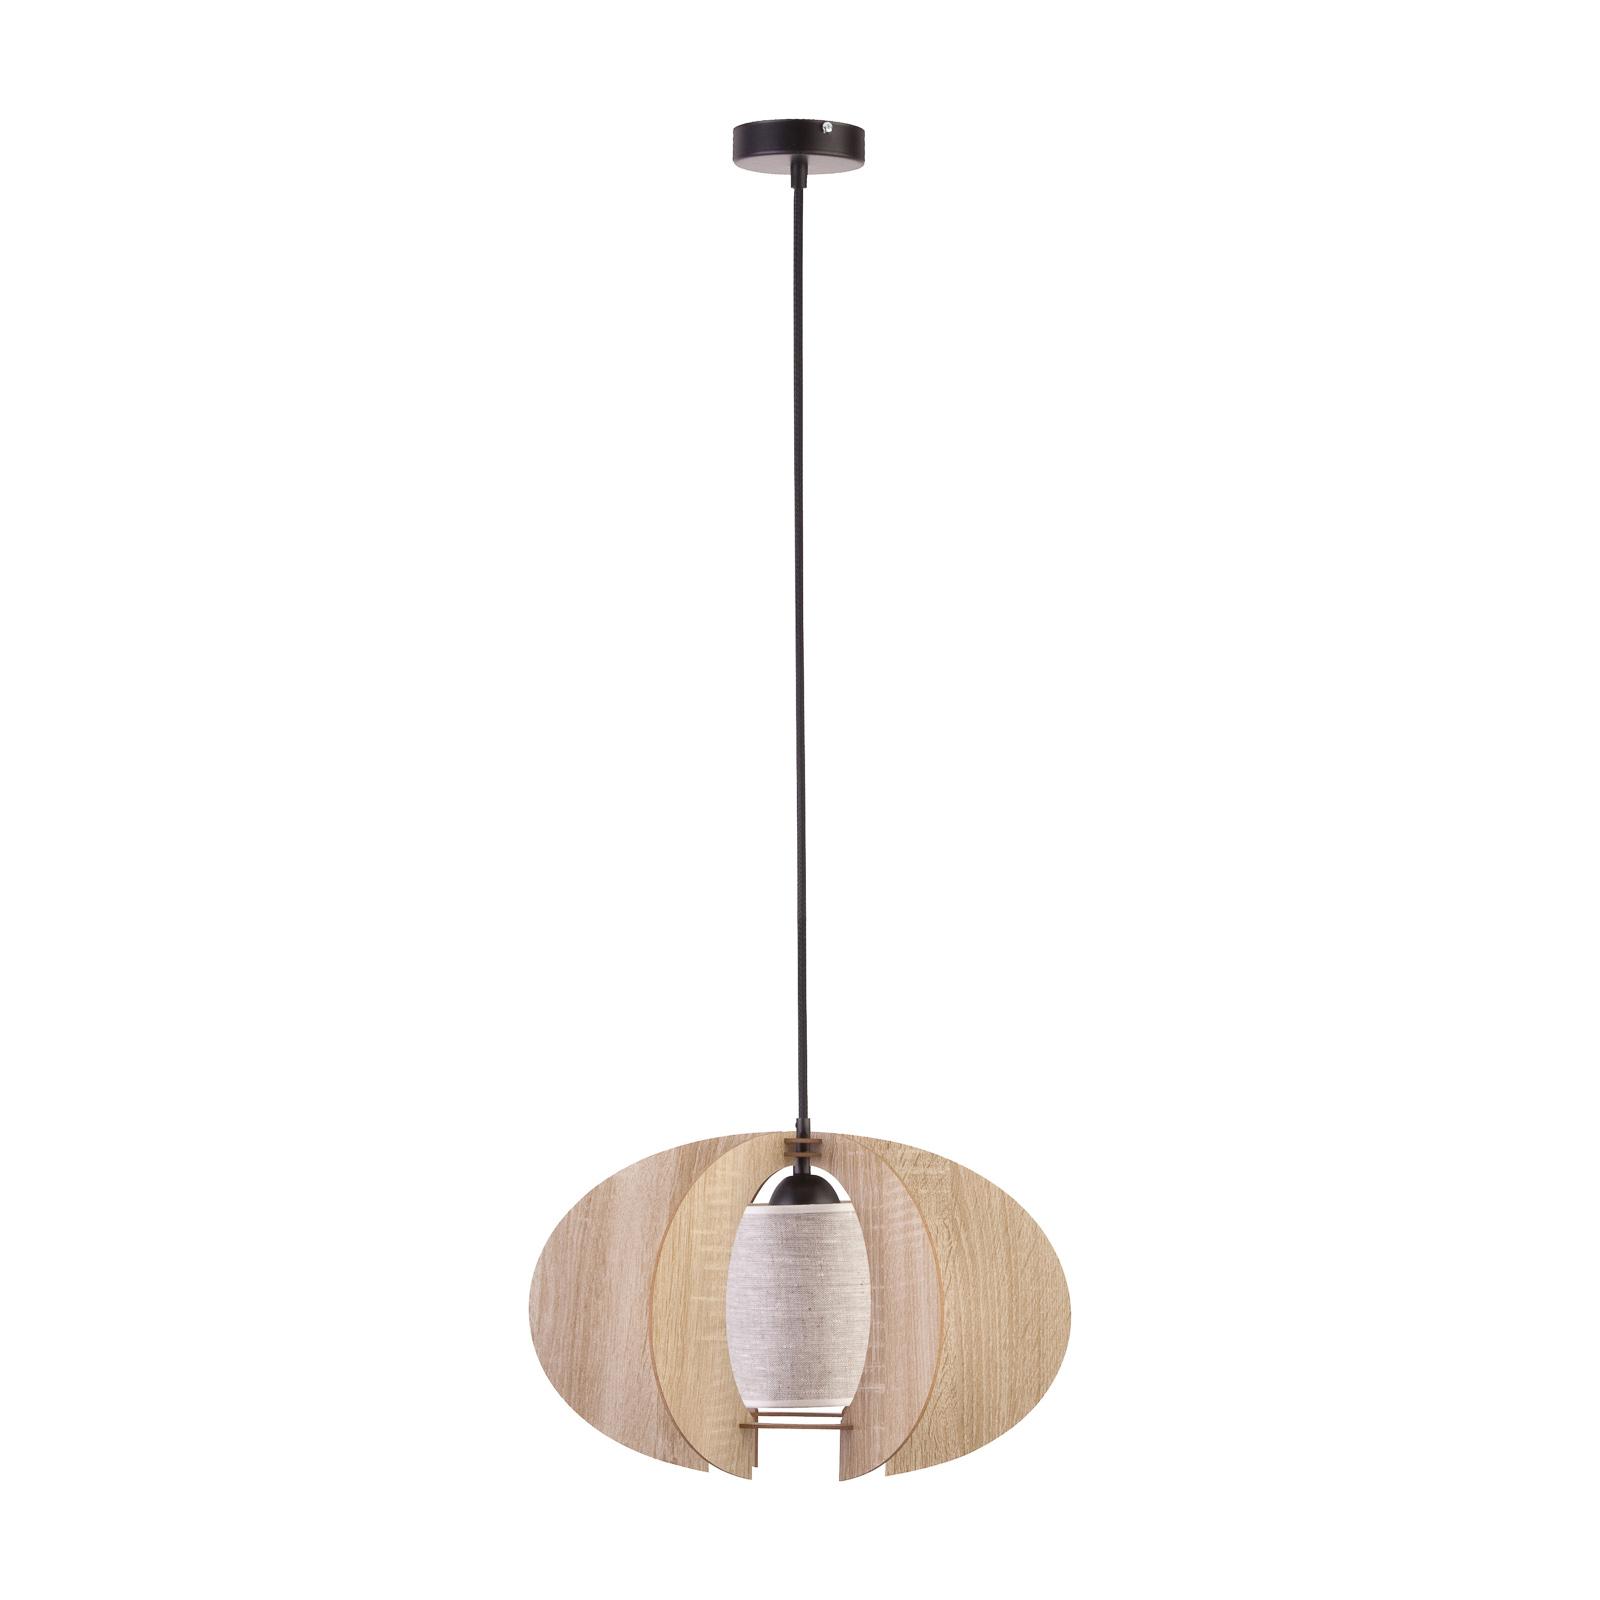 Hengelampe Modern C med trelameller, Ø 50 cm